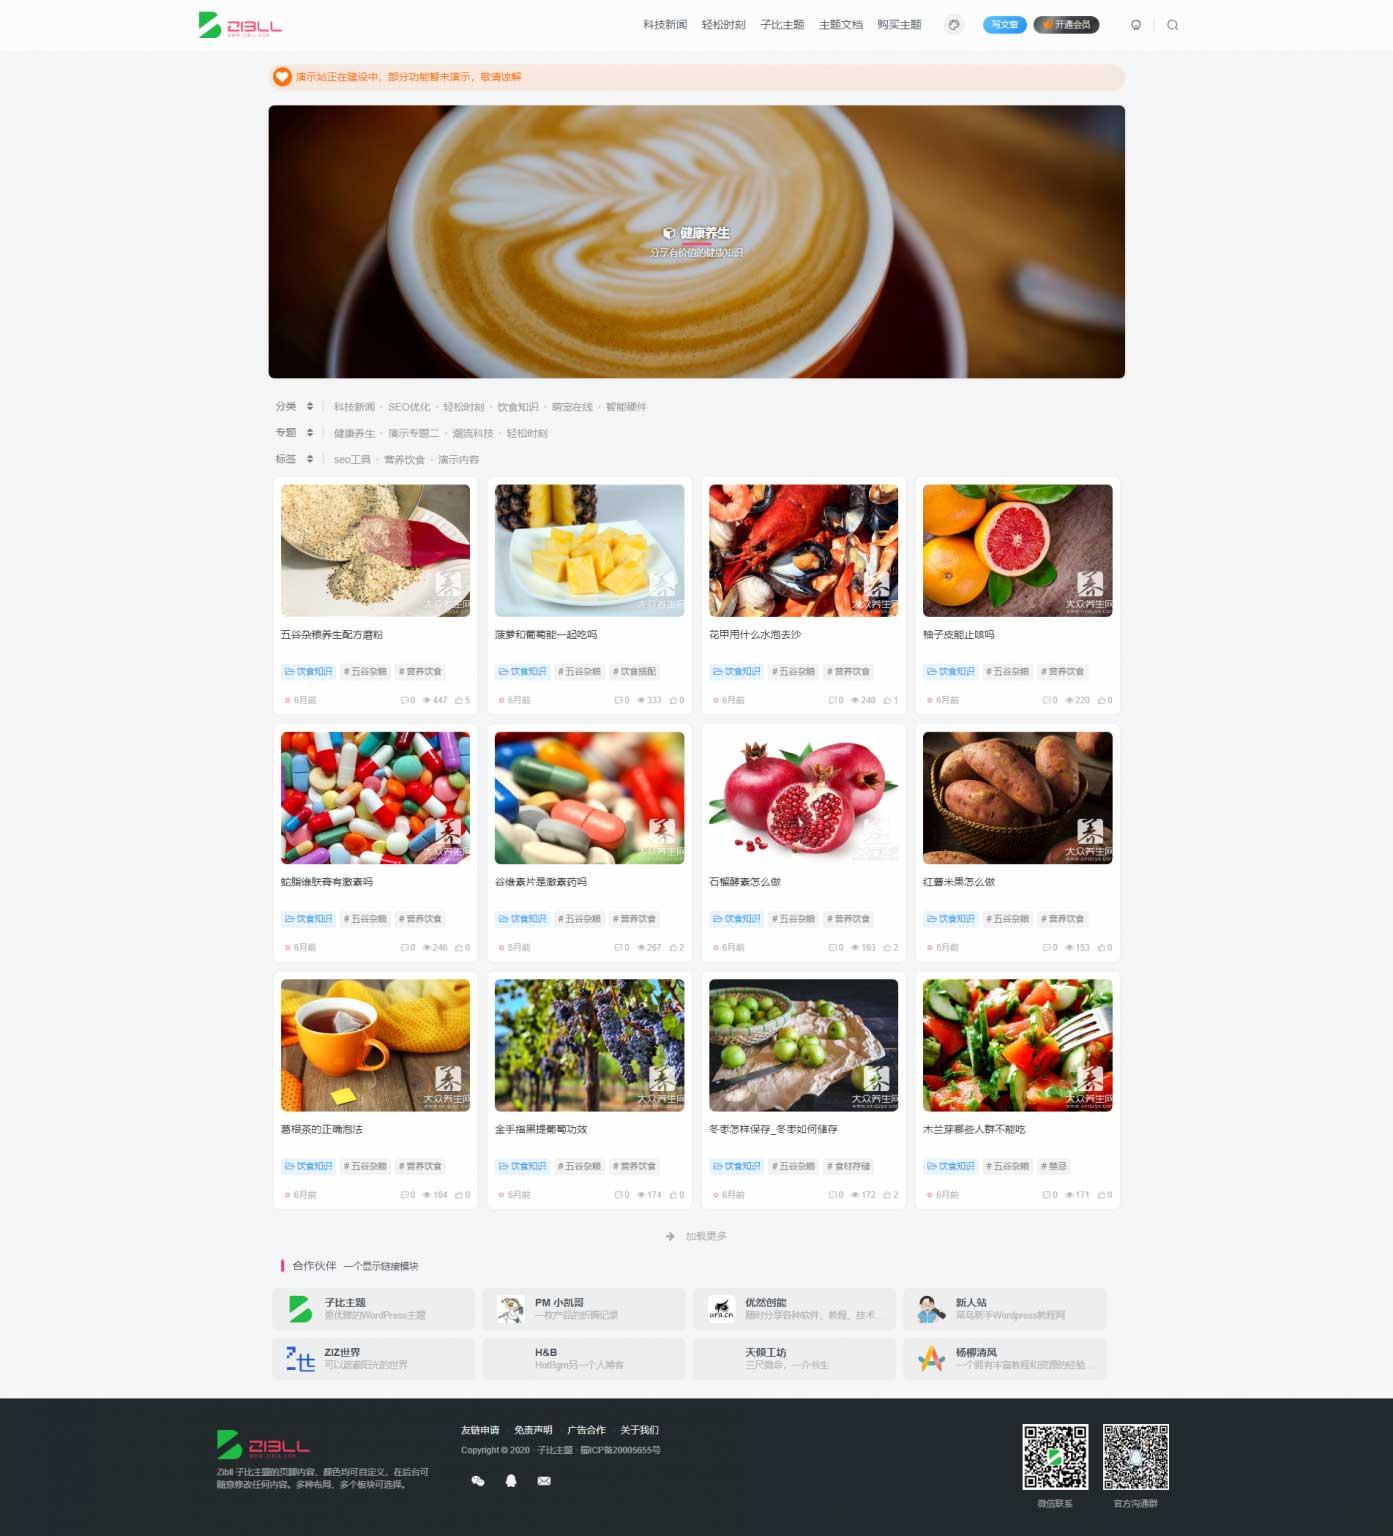 【Zibll4.0】子比主题4.0博客风格使用阅读+资源类型+多种布局插图